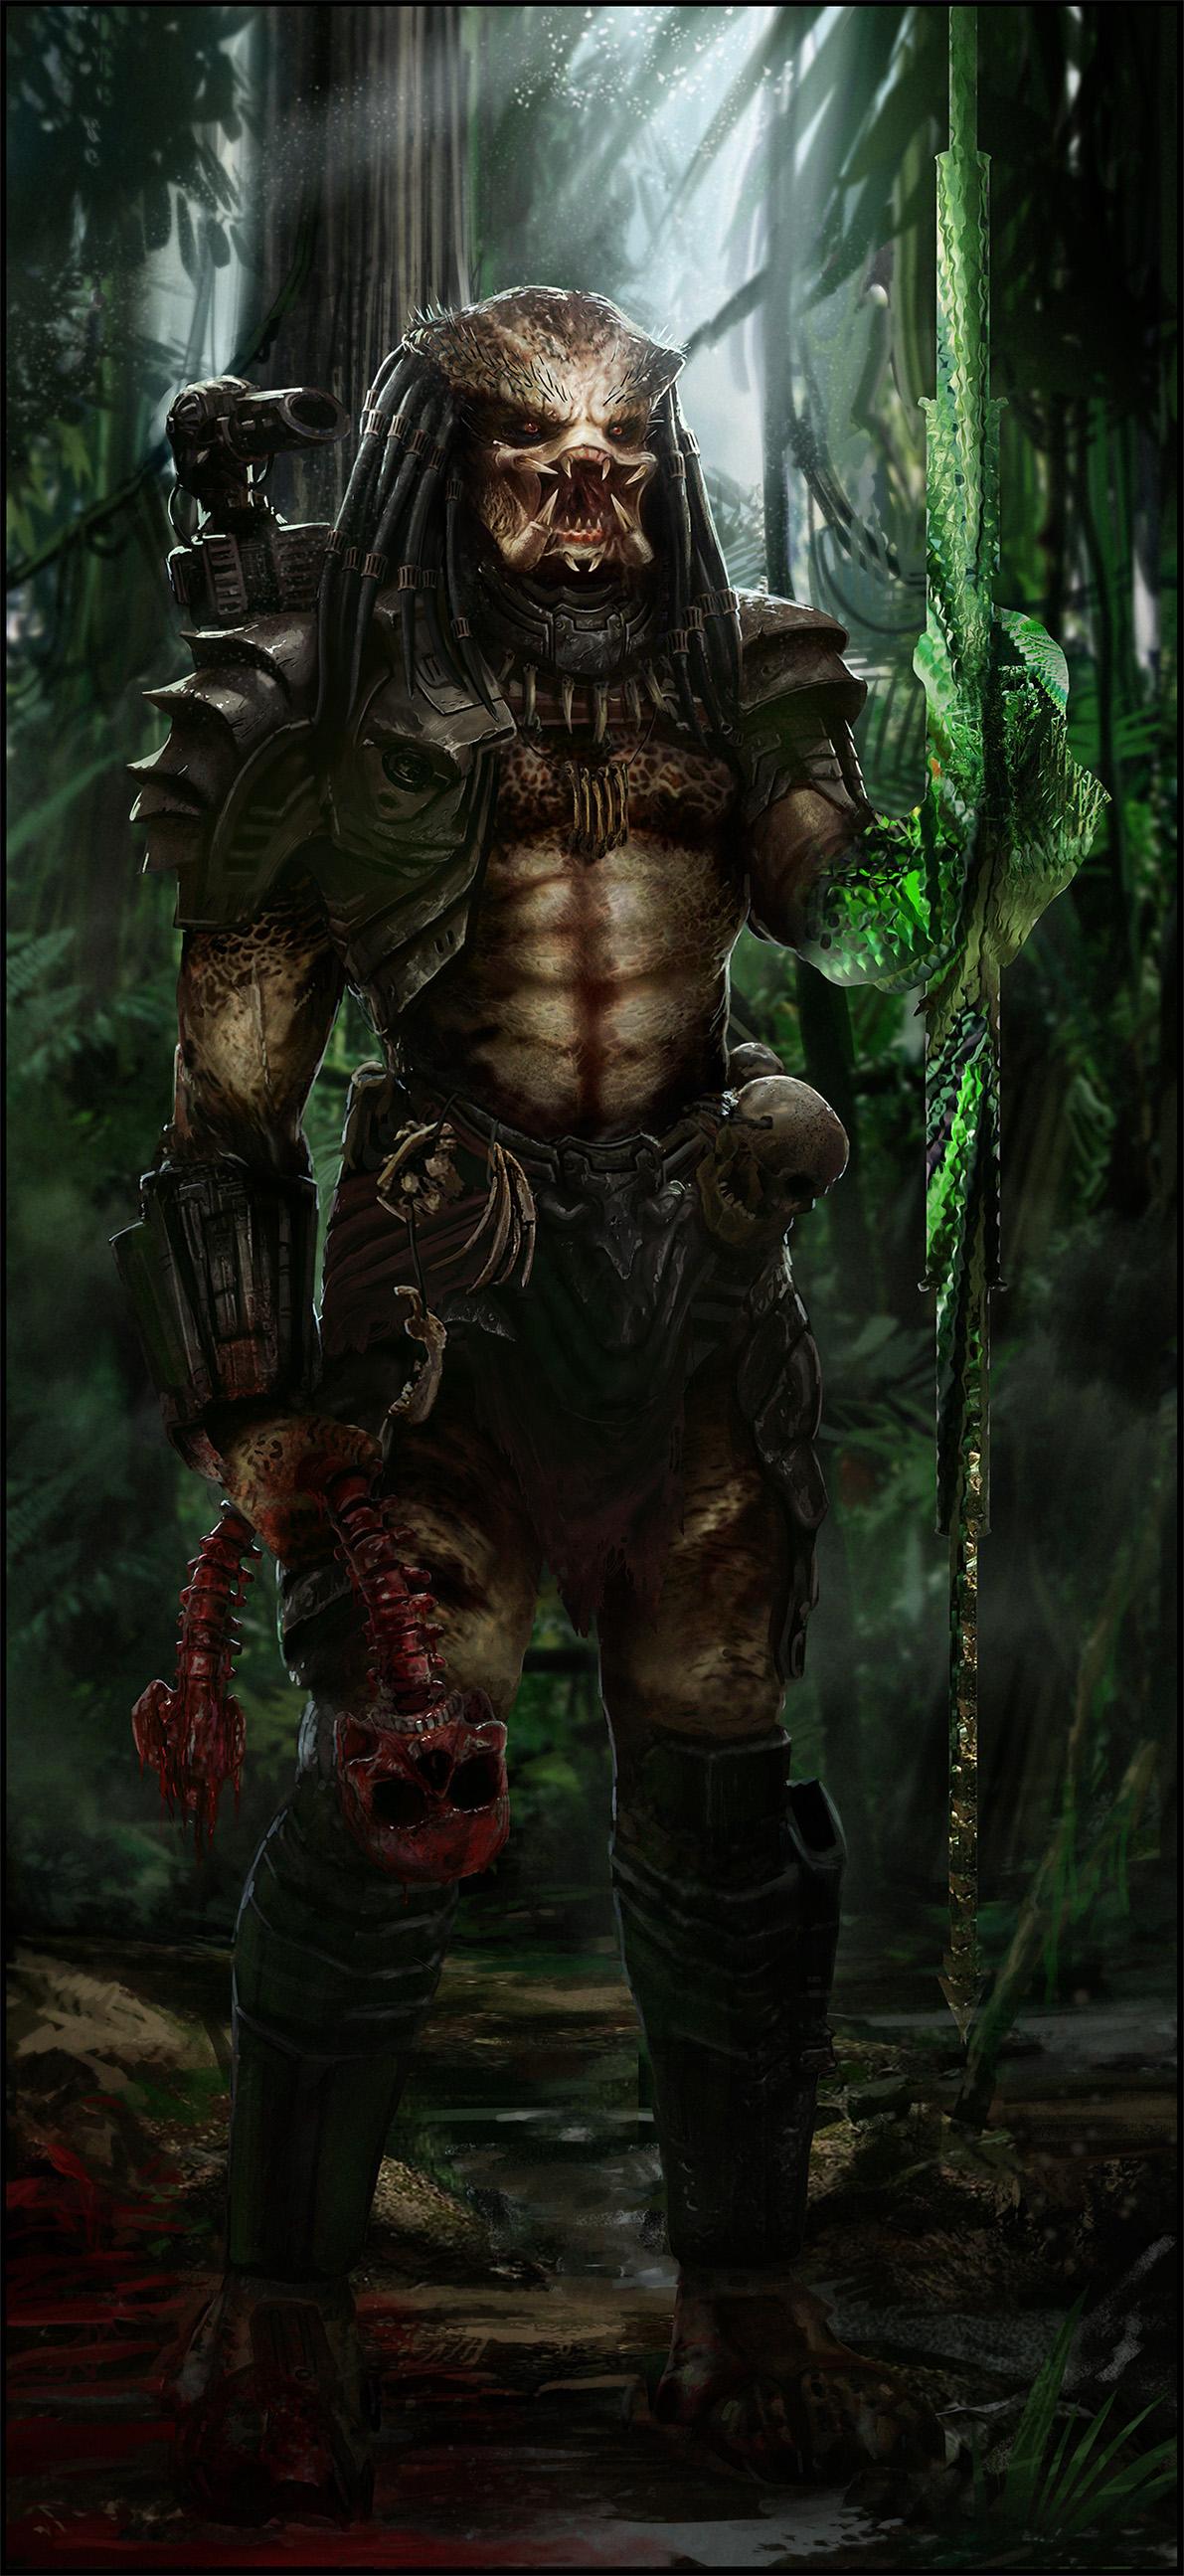 predator jungle - digital art